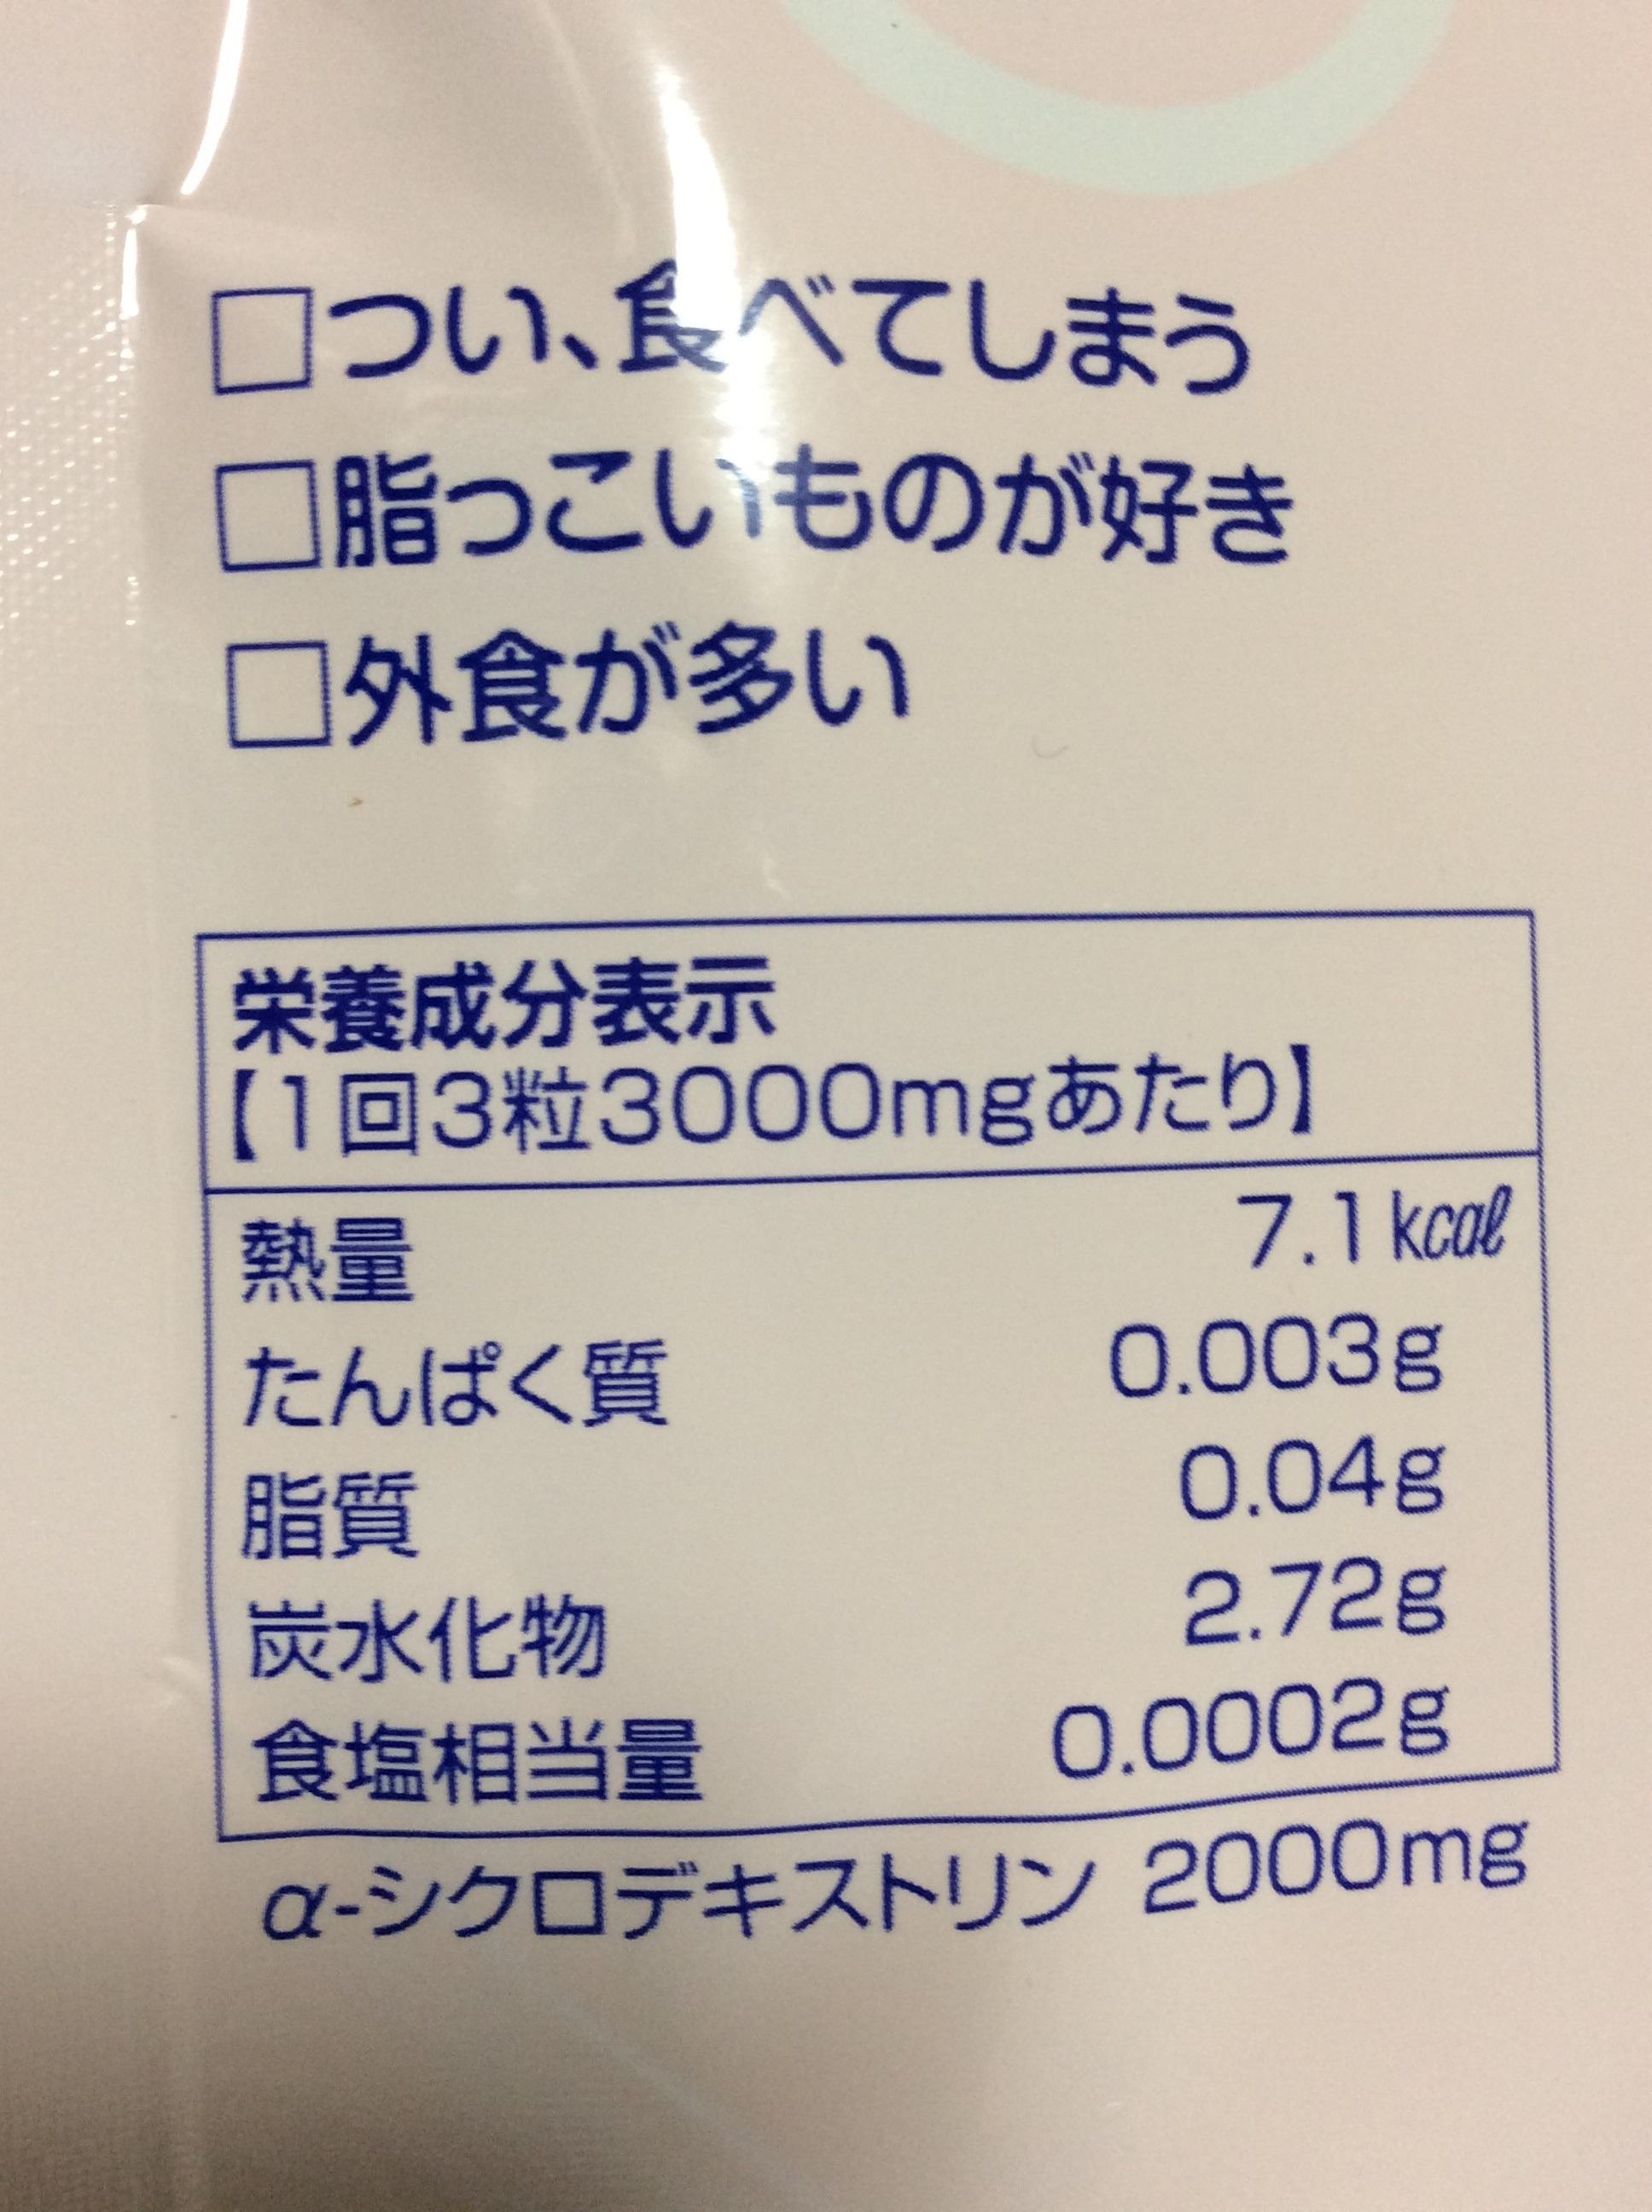 17E93778-C325-4983-AC5F-7D80D58C6D09.jpg